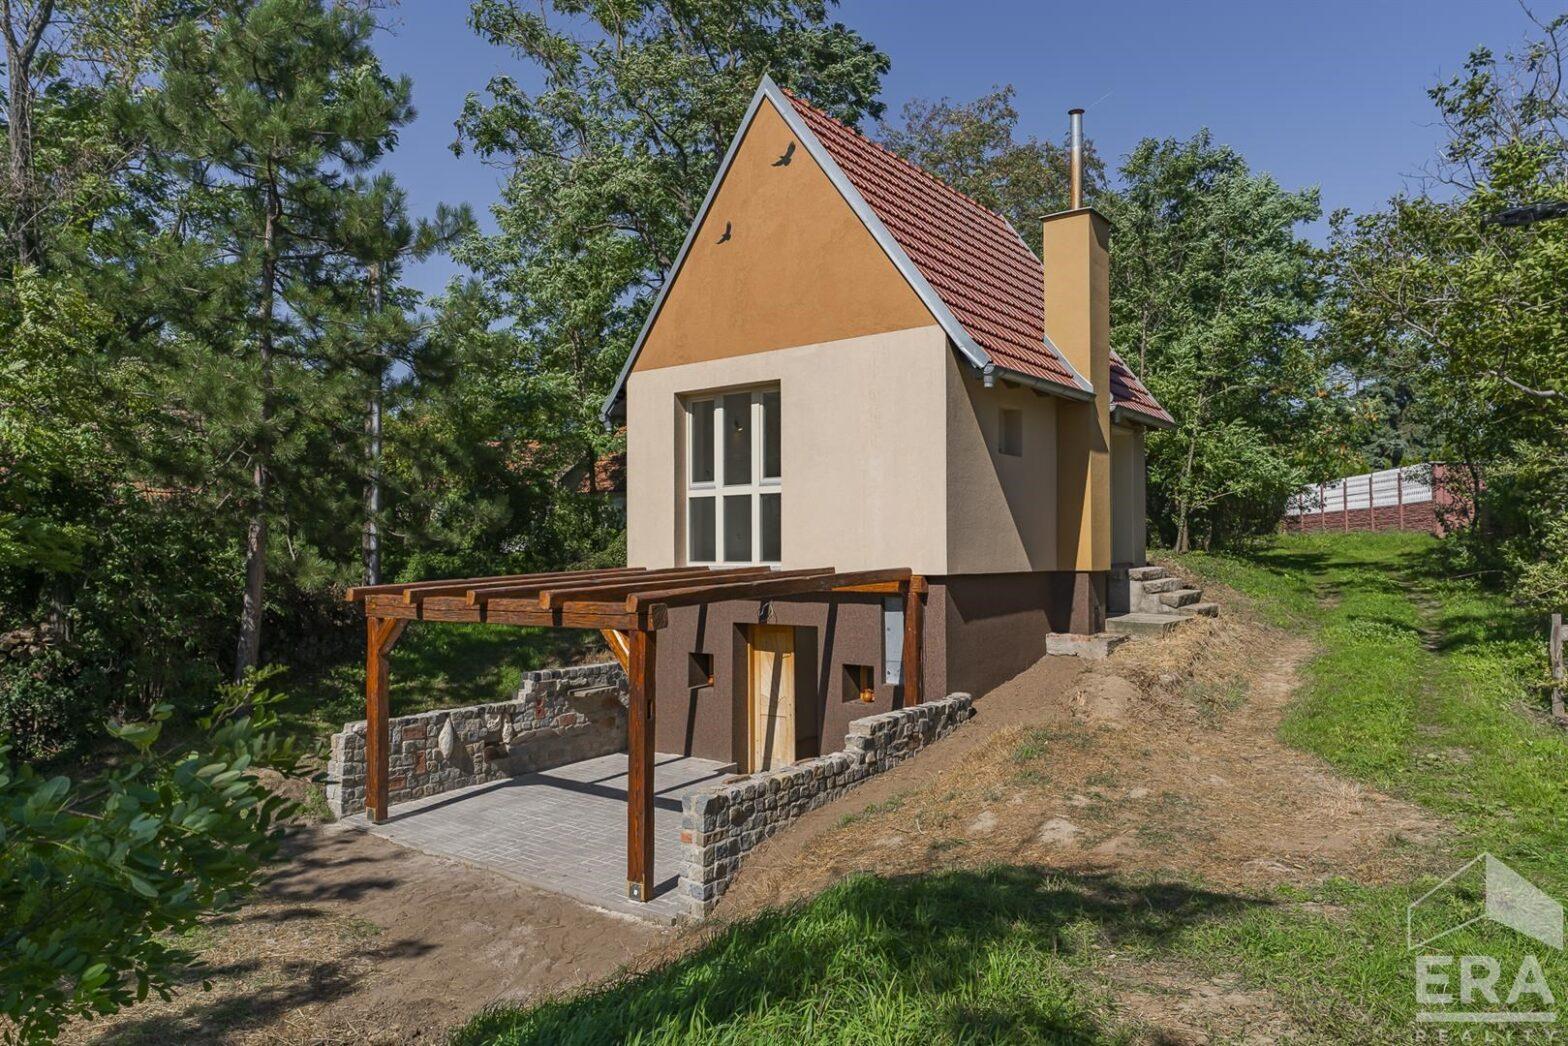 Vinný sklep s ubytováním, UP 92 m2 * Reinthal, Rakousko